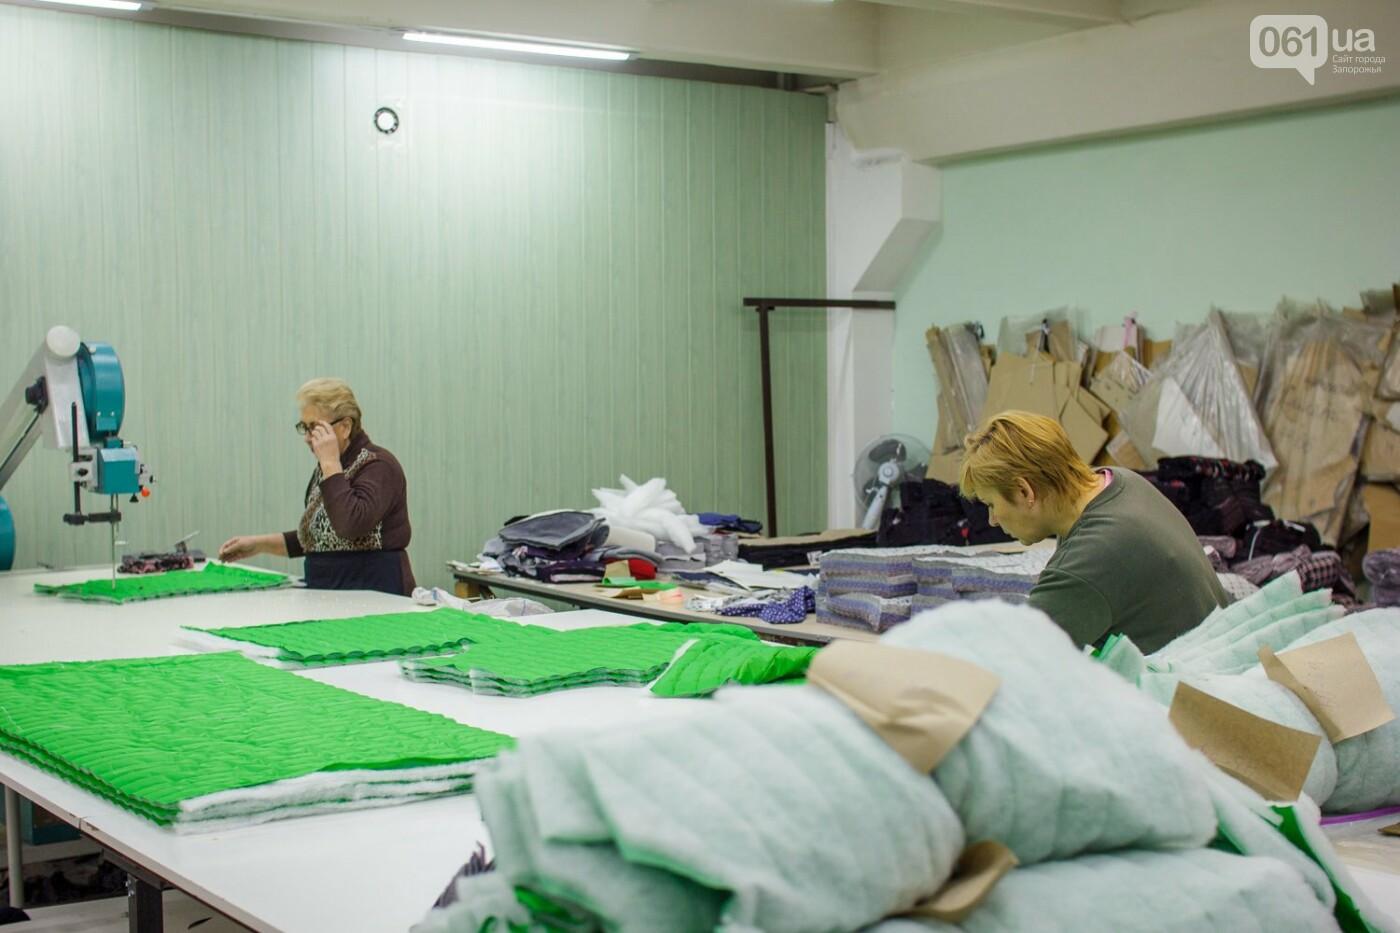 Как в Запорожье шьют мужское белье: экскурсия на трикотажную фабрику, – ФОТОРЕПОРТАЖ, фото-20